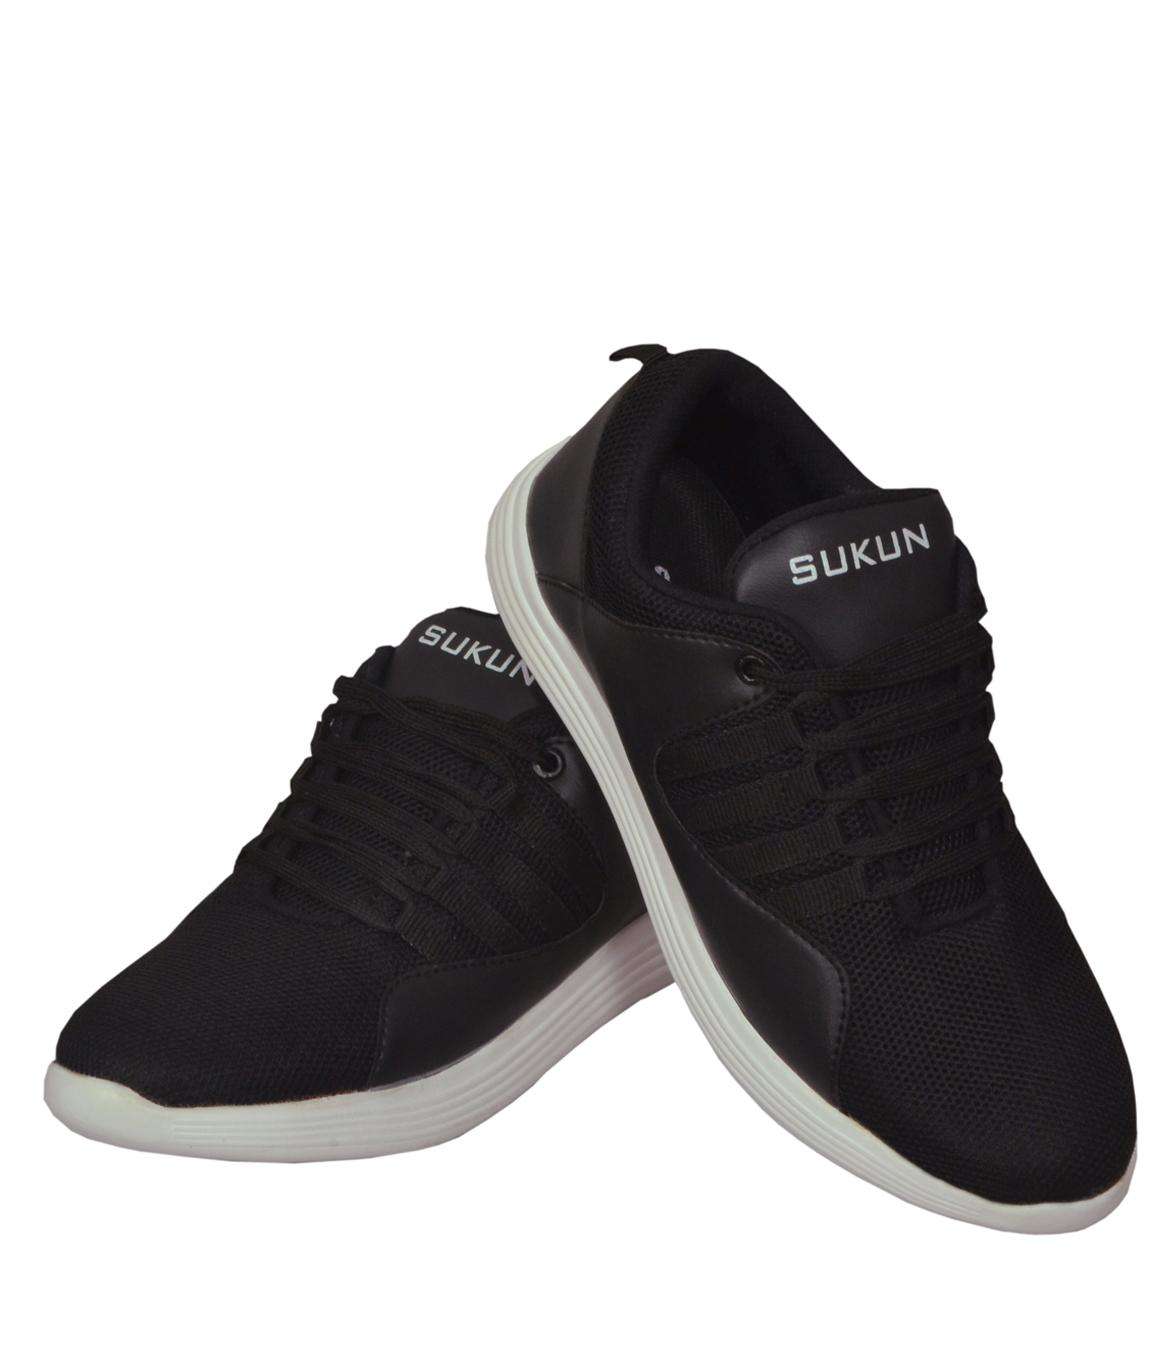 Sukun Black Sport Shoes